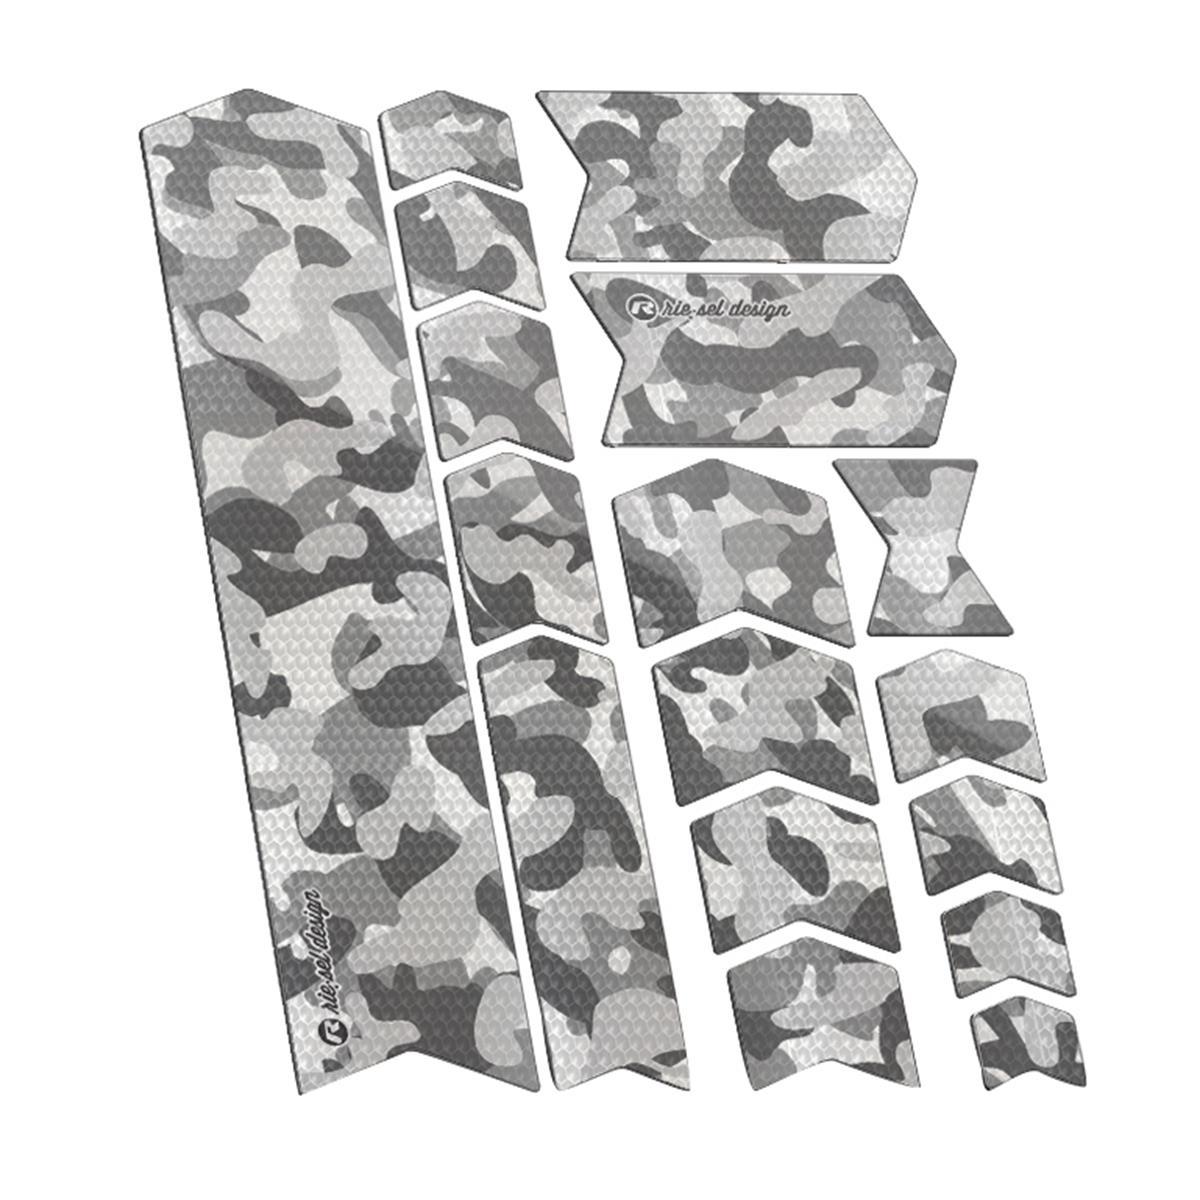 Riesel Design Rahmenschutz-Sticker Tape 3000 Camo